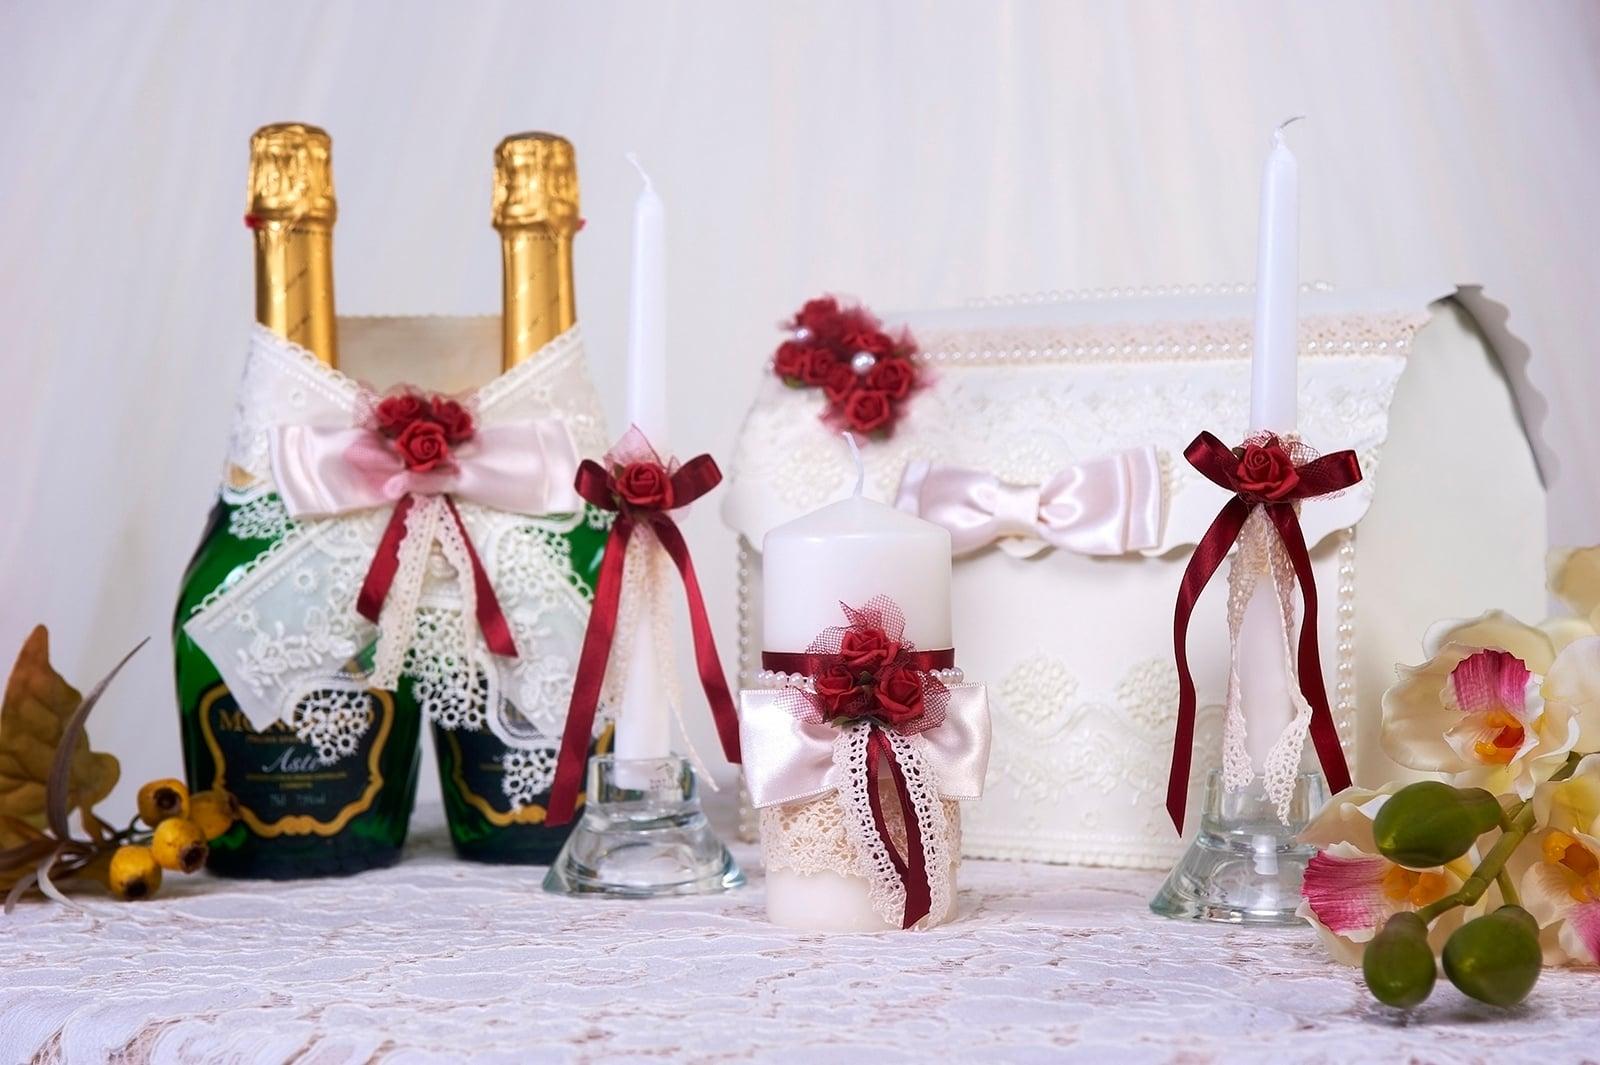 Белый свадебный набор с кружевом и алыми лентами и бутонами.